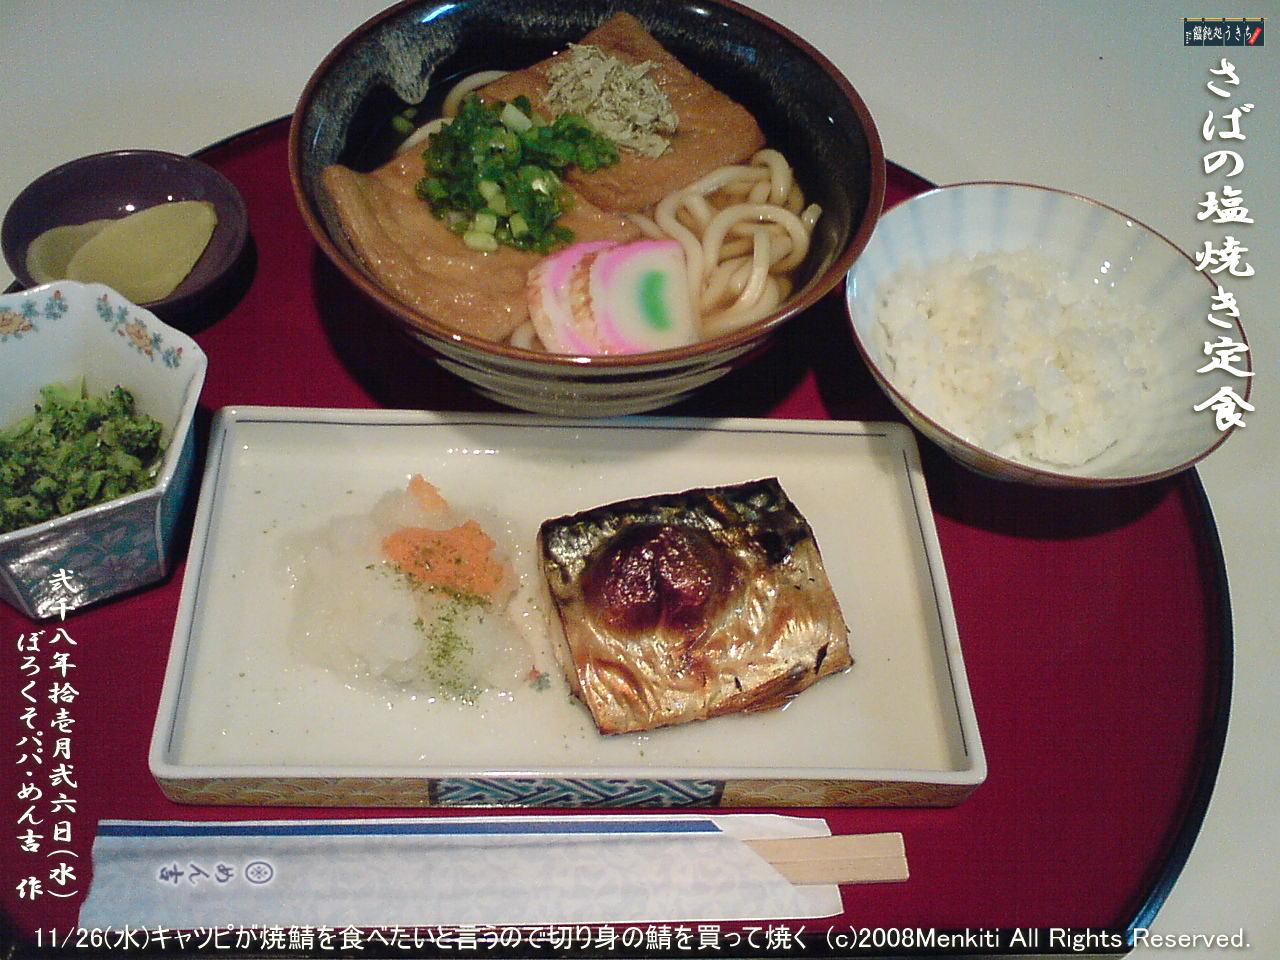 11/26(水)キャツピが焼鯖を食べたいと言うので切り身の鯖を買って焼く@キャツピ&めん吉の【ぼろくそパパの独り言】    ▼クリックで1280x960pxlsに拡大します。